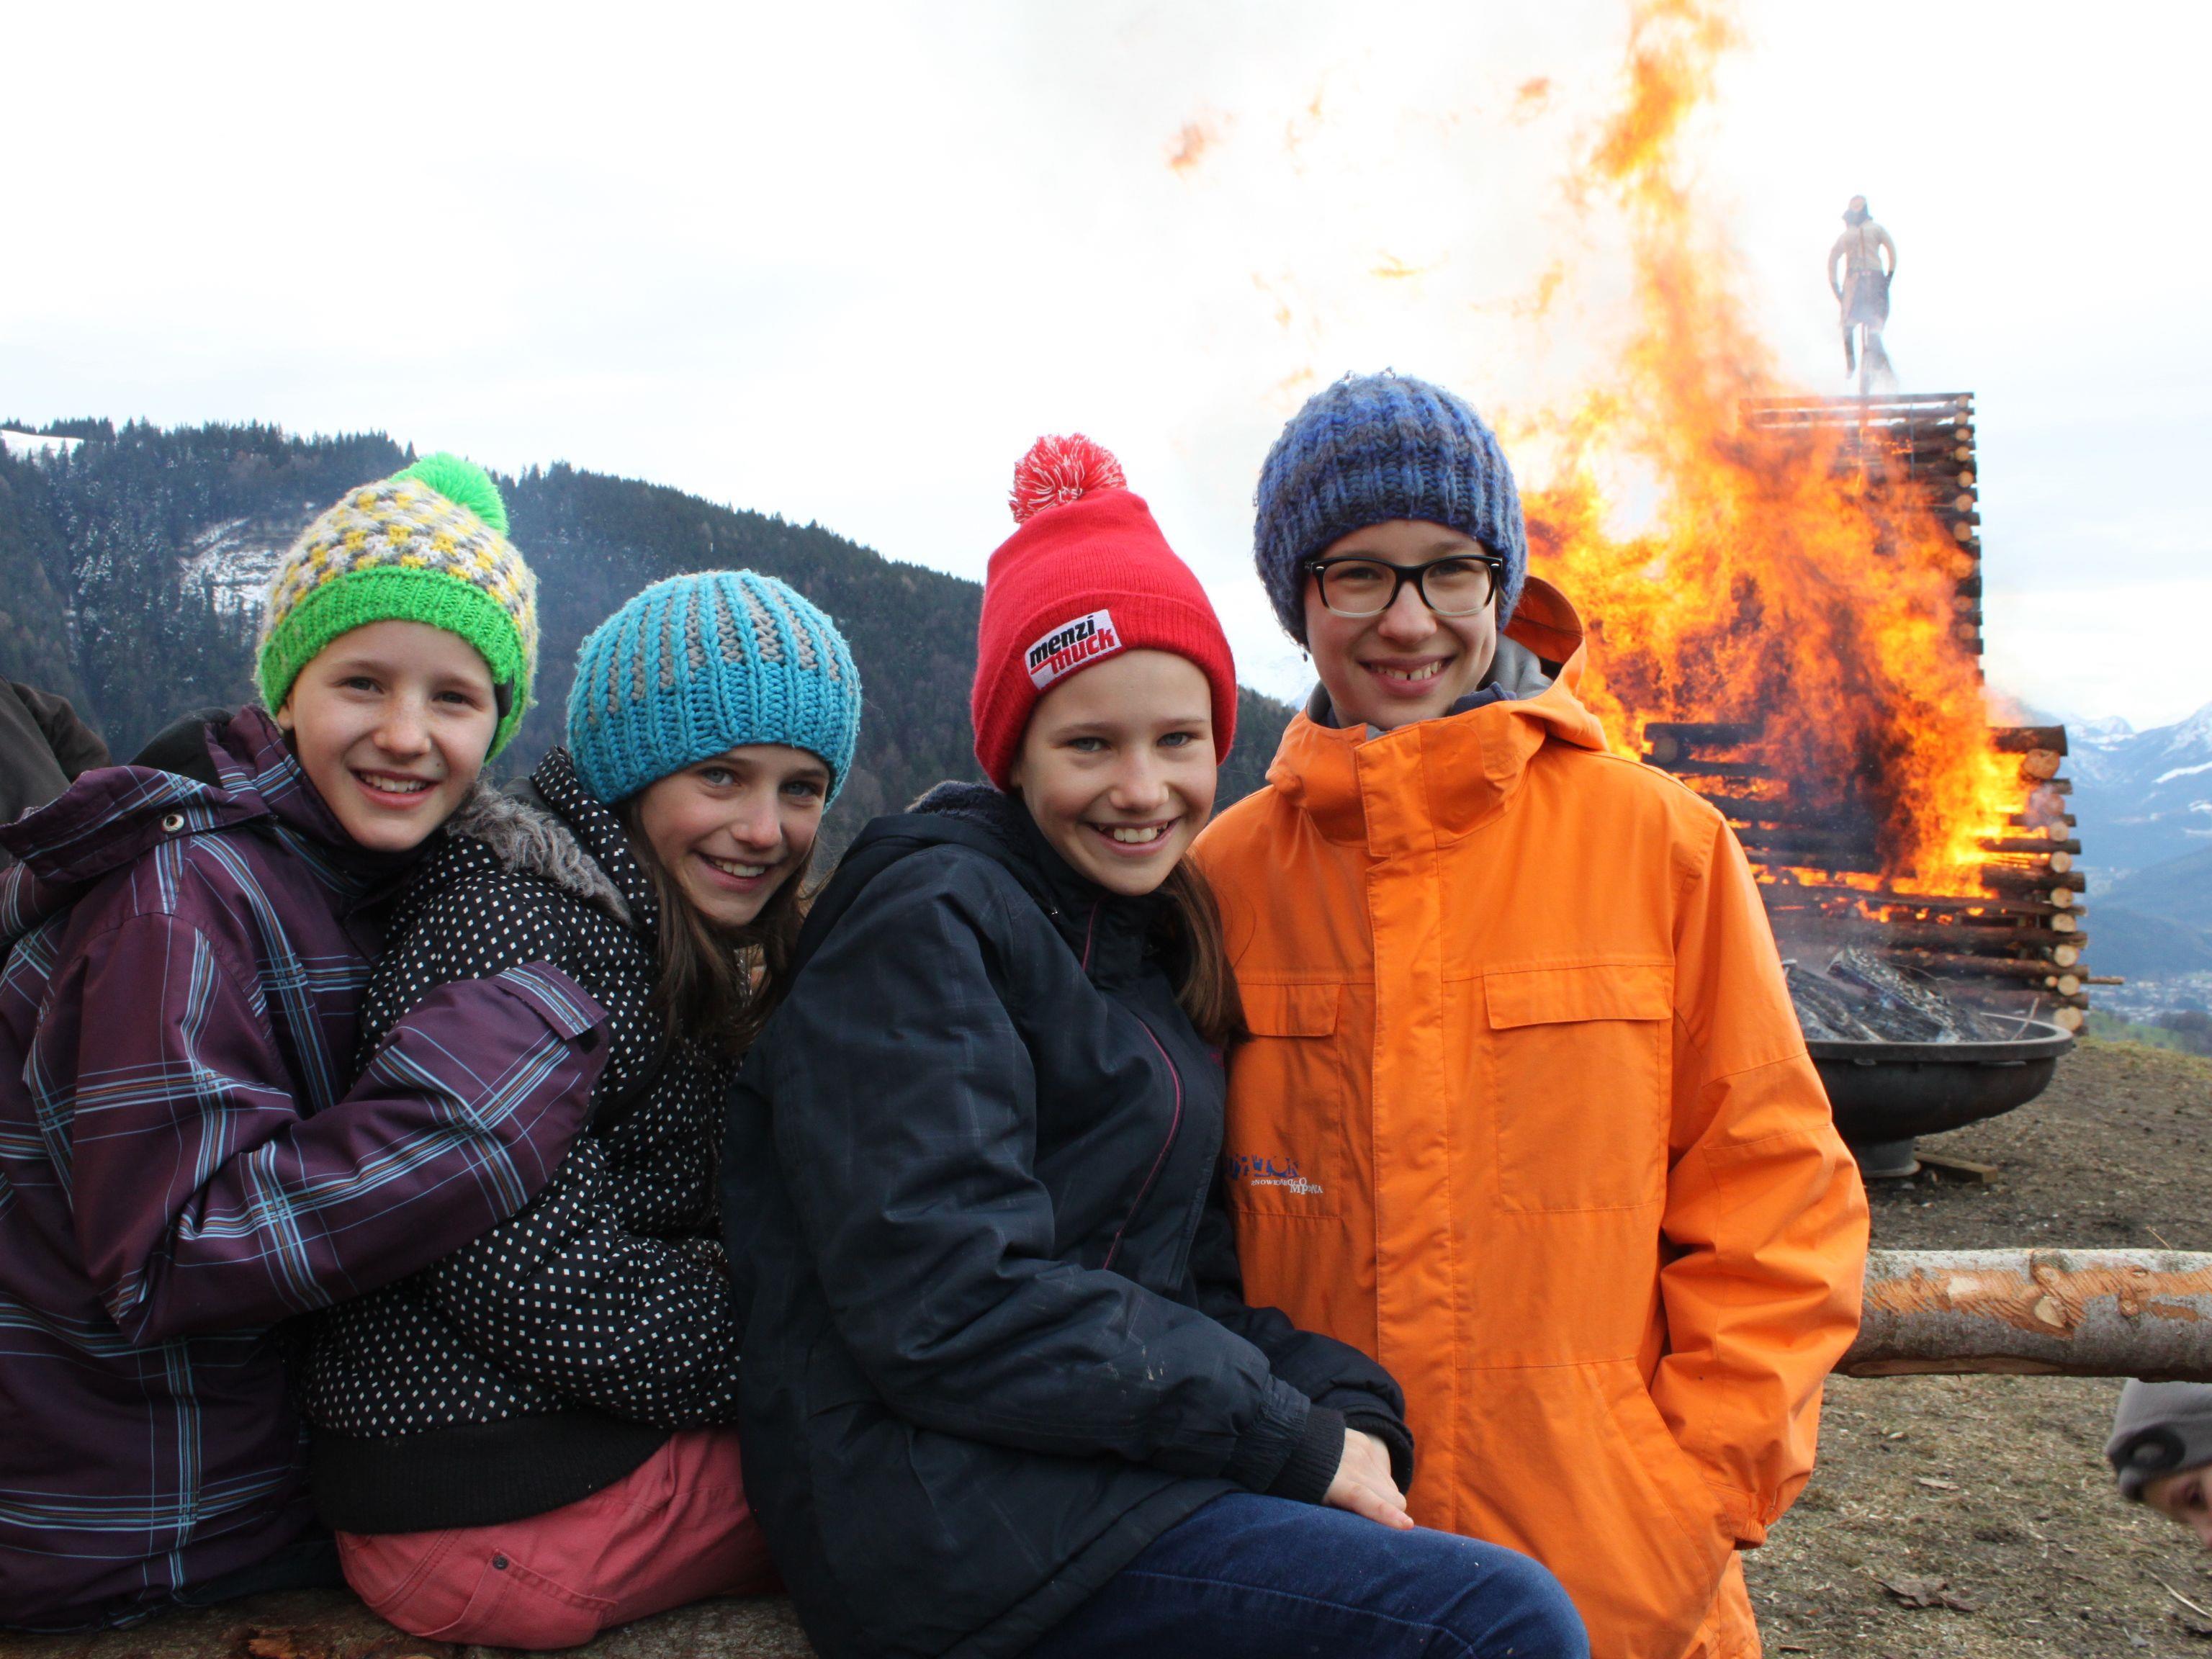 Theresa, Klaudia, Anna-Lena und Katharina sowie viele weitere Besucher freuten sich über die Funkentradition in Fraxern.